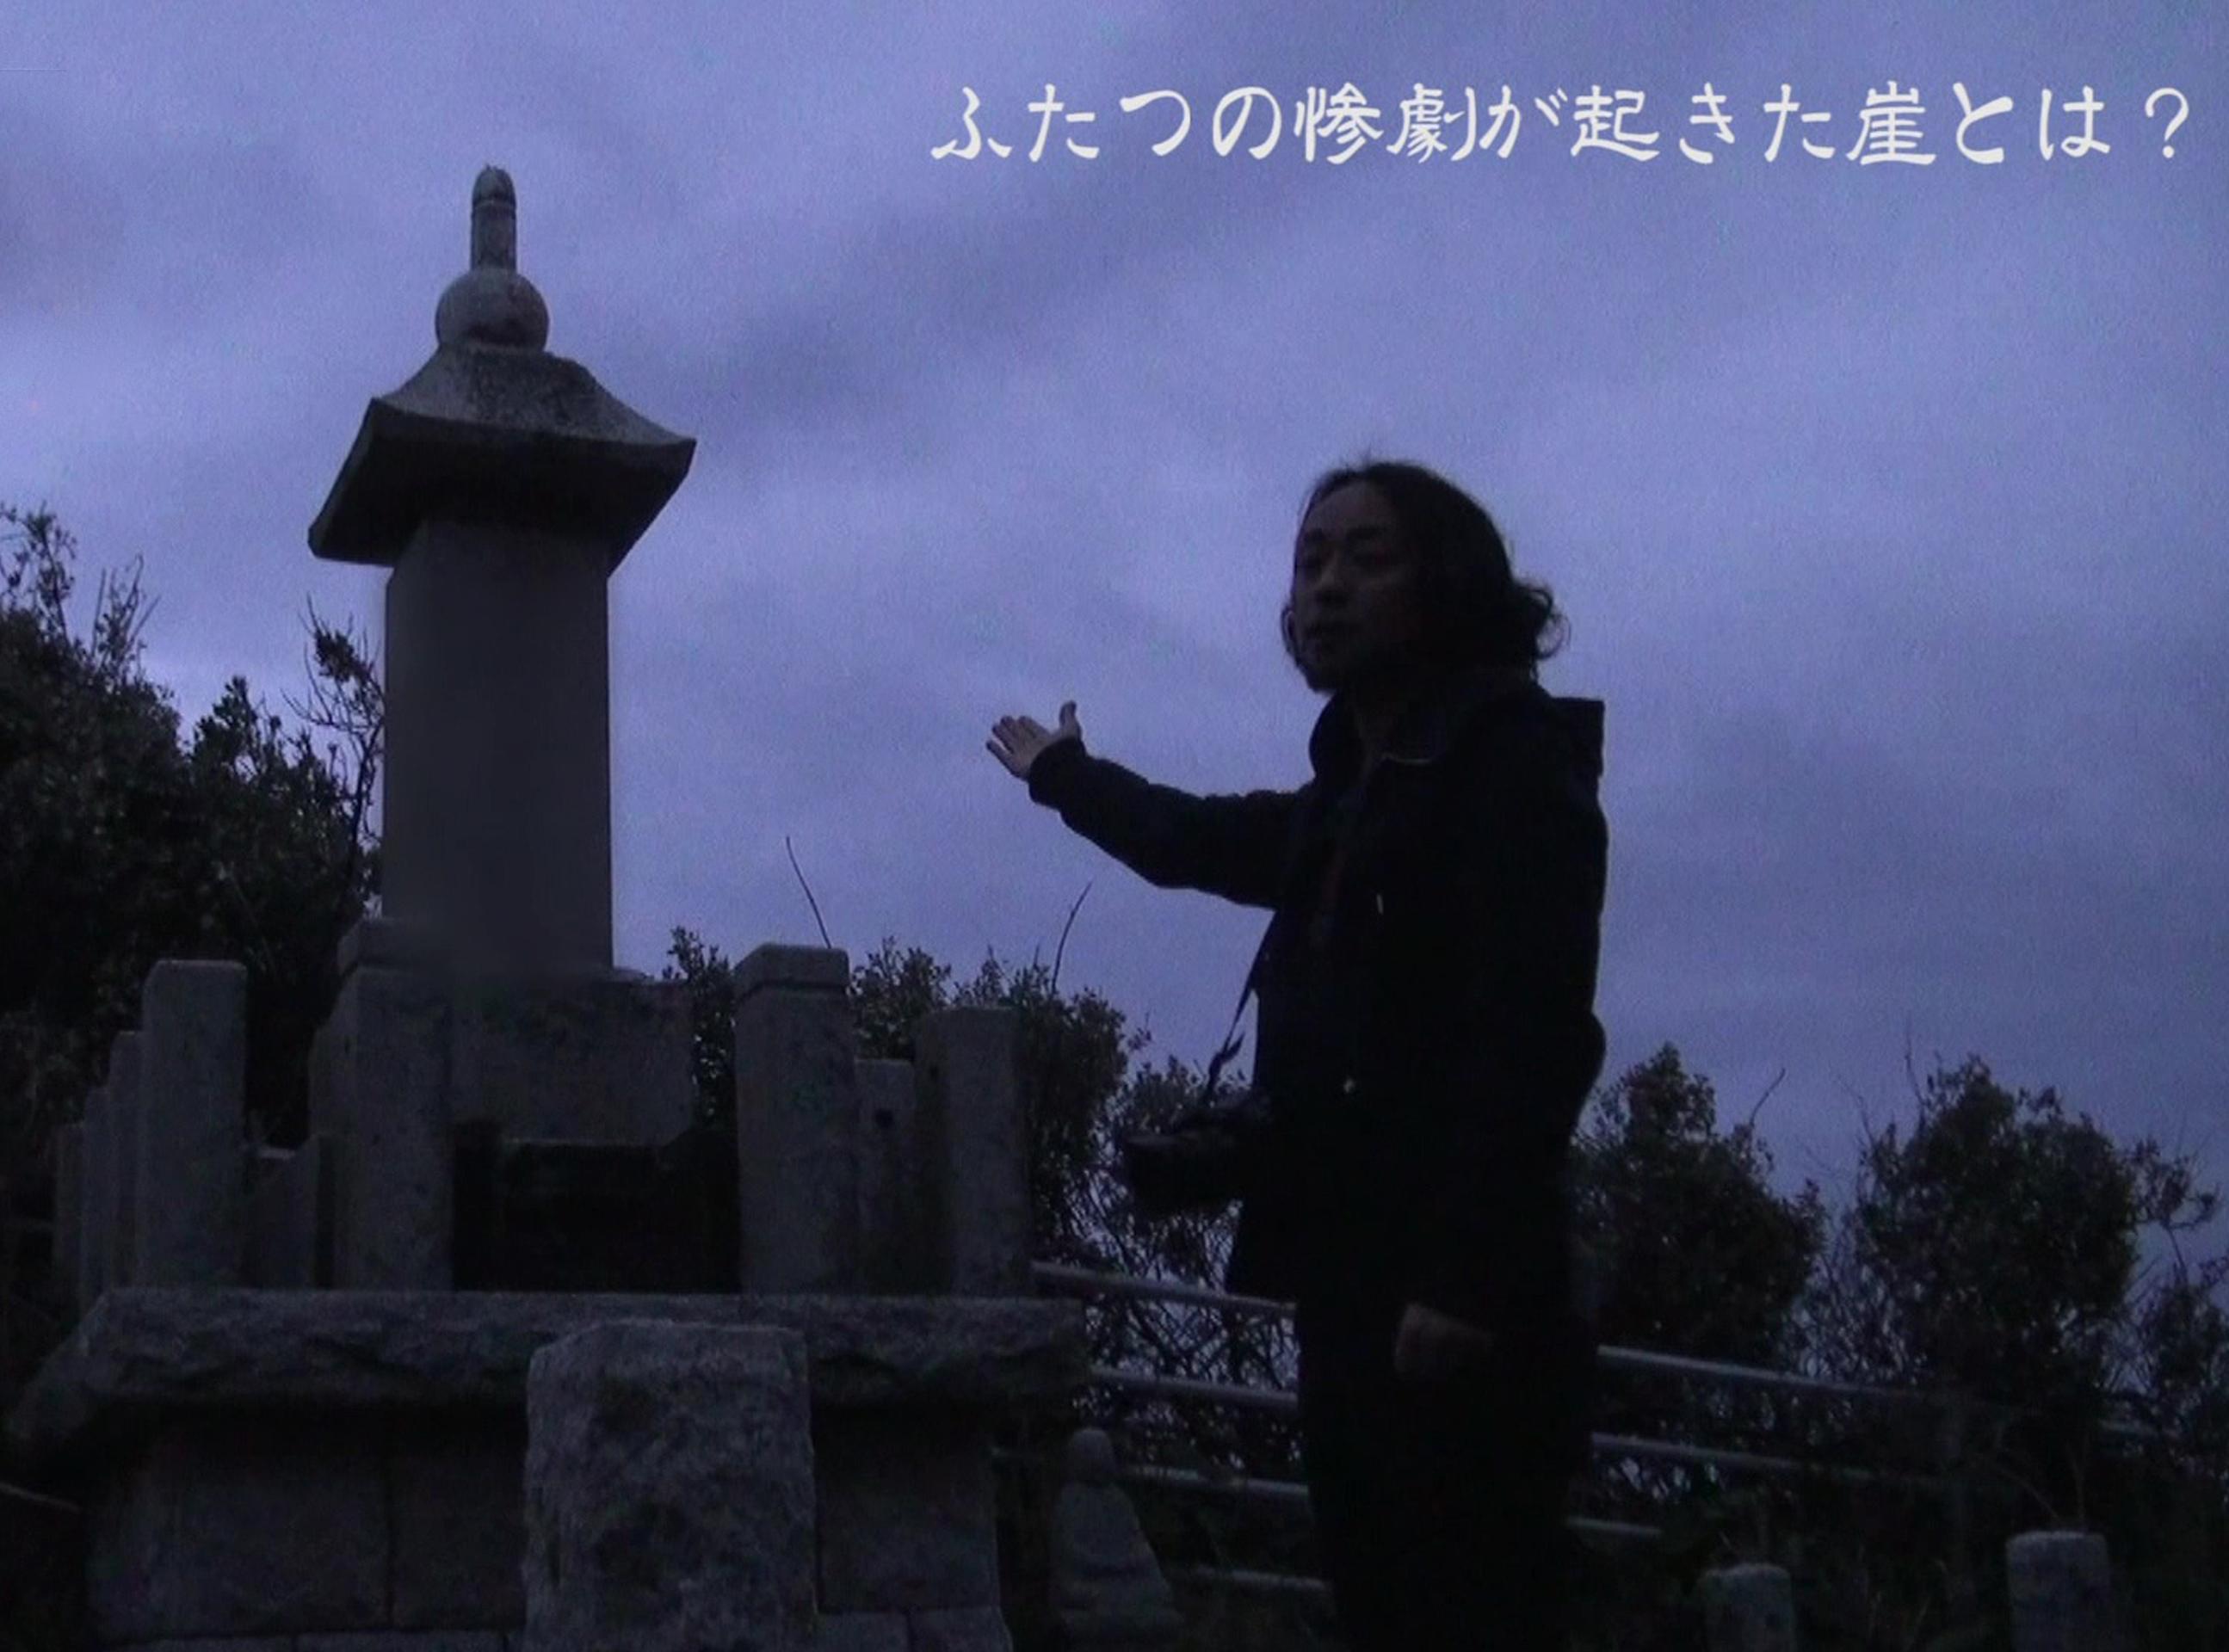 恐怖バラエティ!怪談家ぁみの怖すぎチャンネル(6)